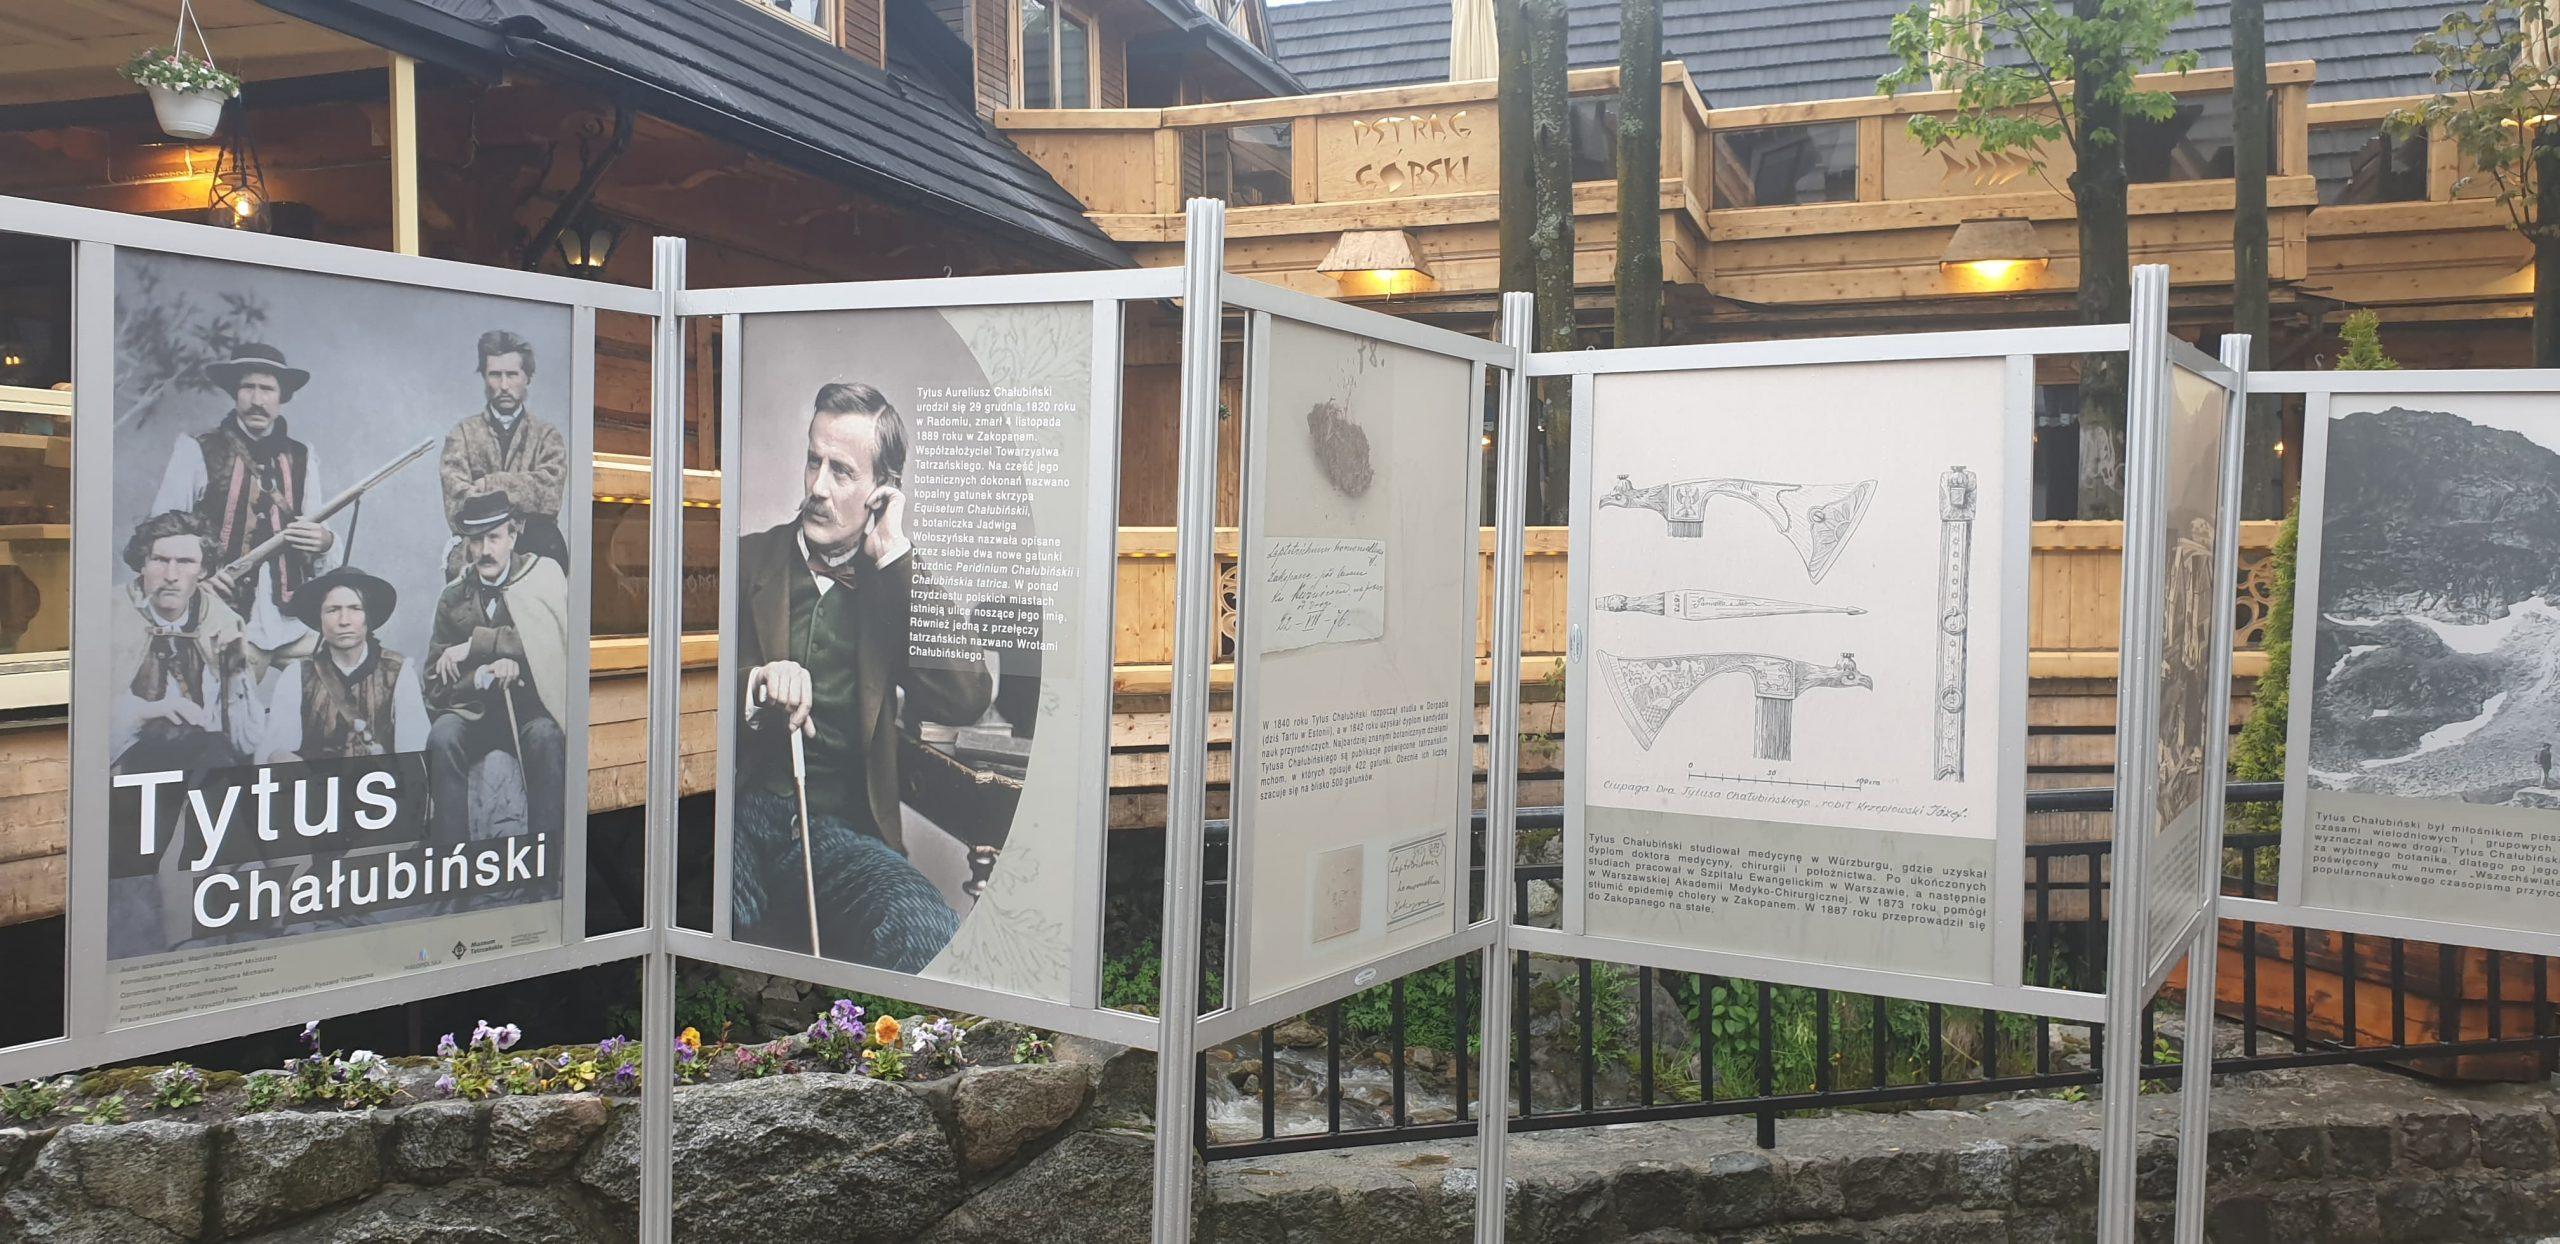 Zapraszamy do obejrzenia wystawy plenerowej  O Tytusie Chałubińskim